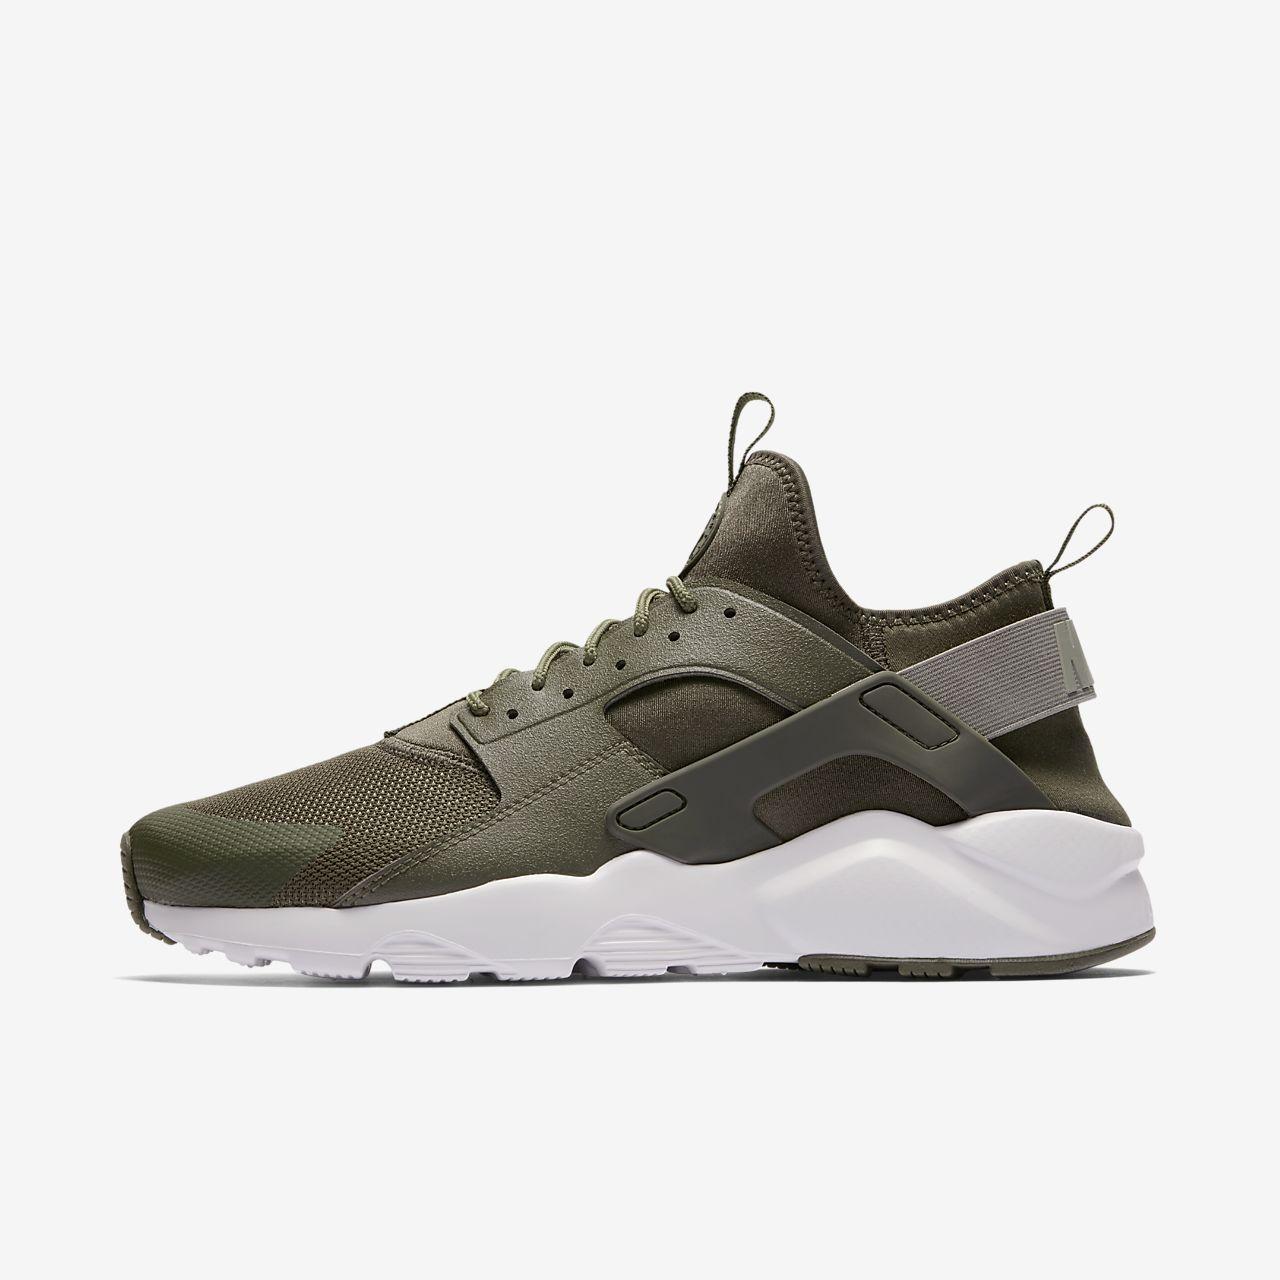 size 40 39d46 3a49a ... zapatillas para mujeres negras negras blancas aj5578 001 115c7 7aa8d  denmark calzado para hombre nike air huarache run ultra 9ac17 002f1 ...